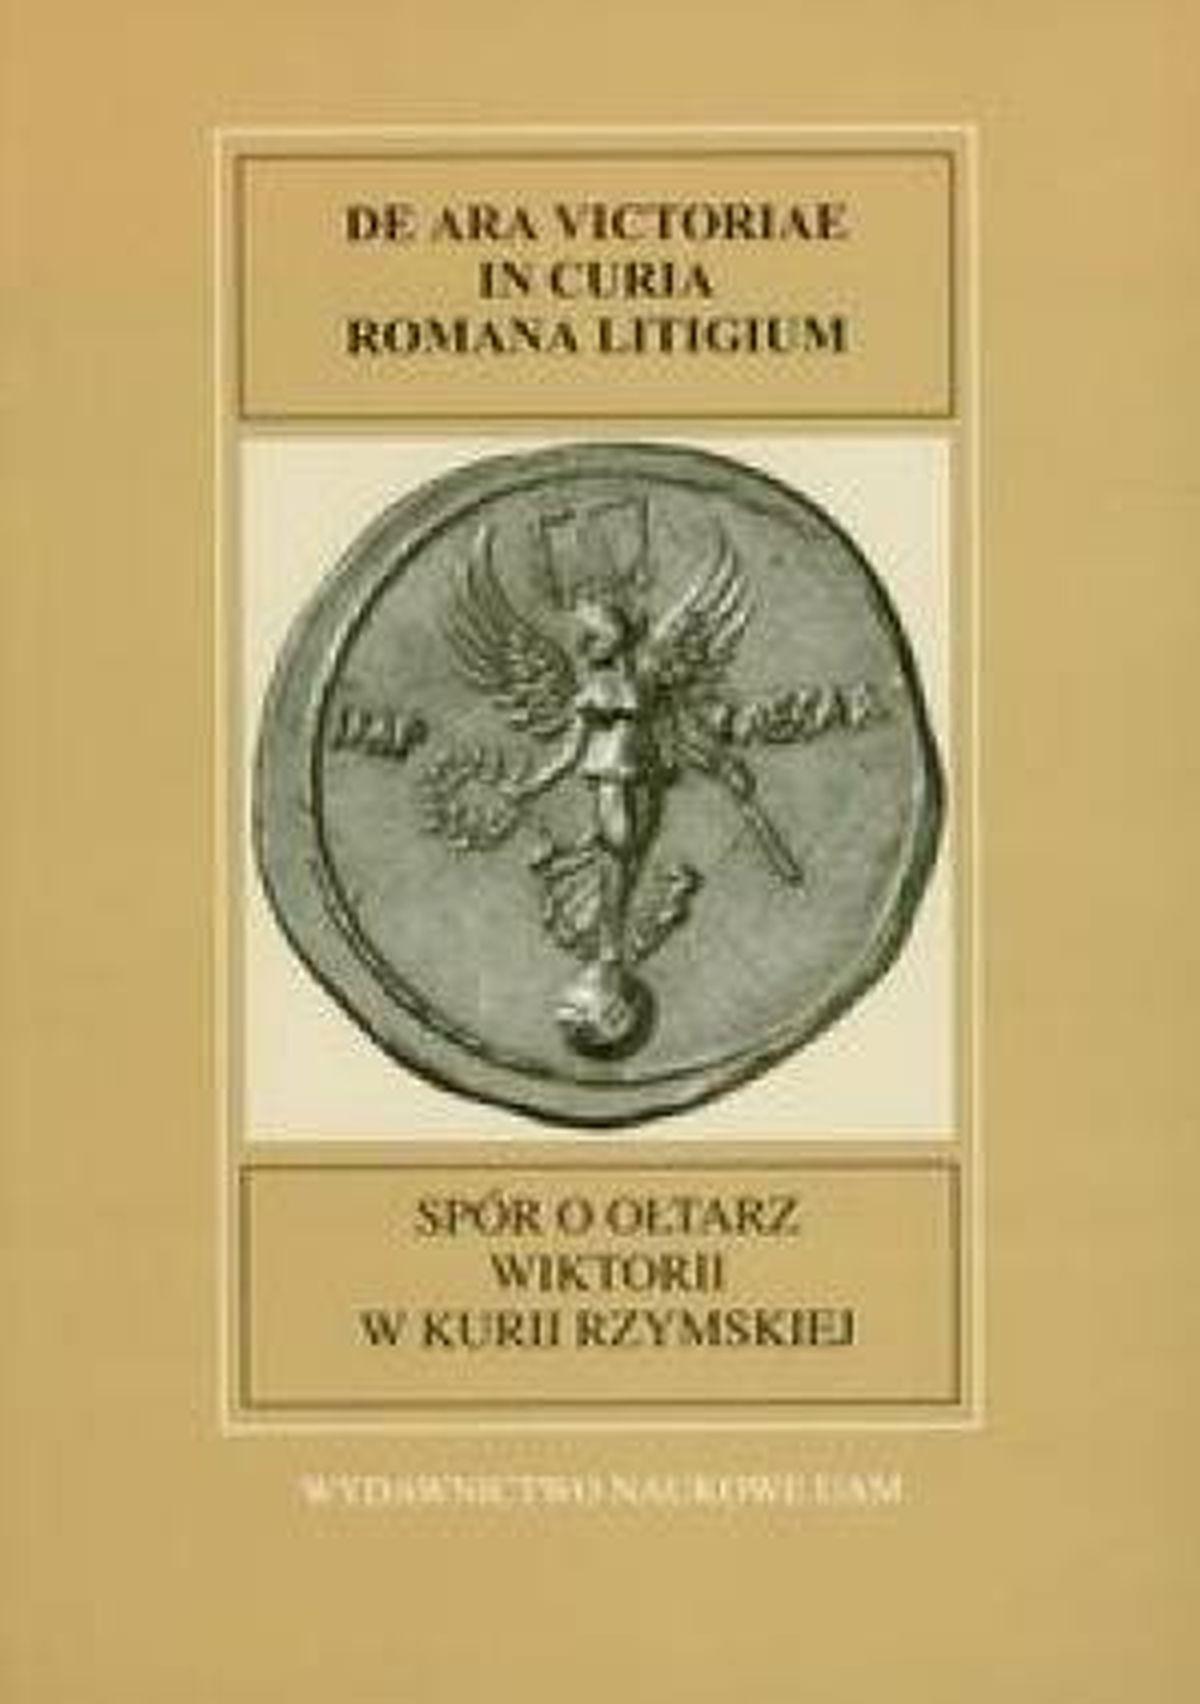 Spór o ołtarz Wiktorii w Kurii Rzymskiej. Fontes Historiae Antiquae VI